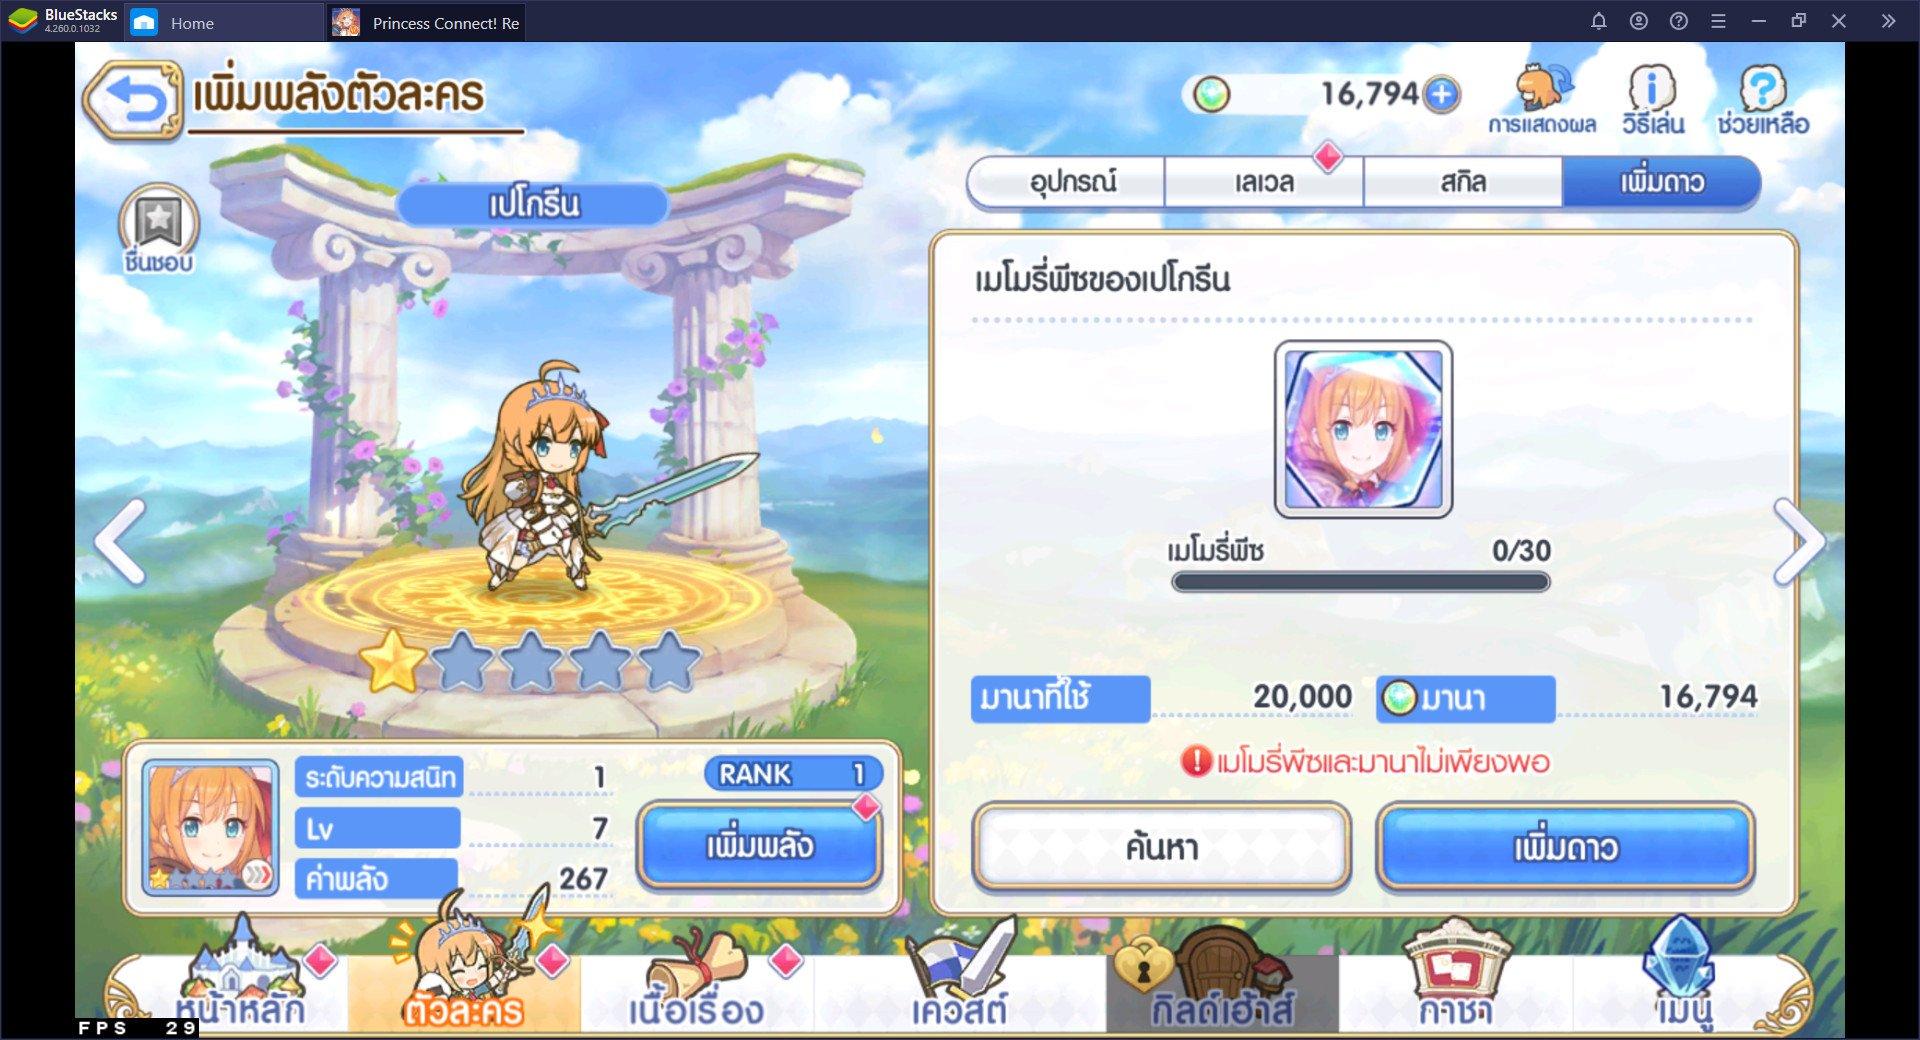 แนวทางการเล่น Princess Connect! Re:Dive สำหรับผู้เล่นใหม่